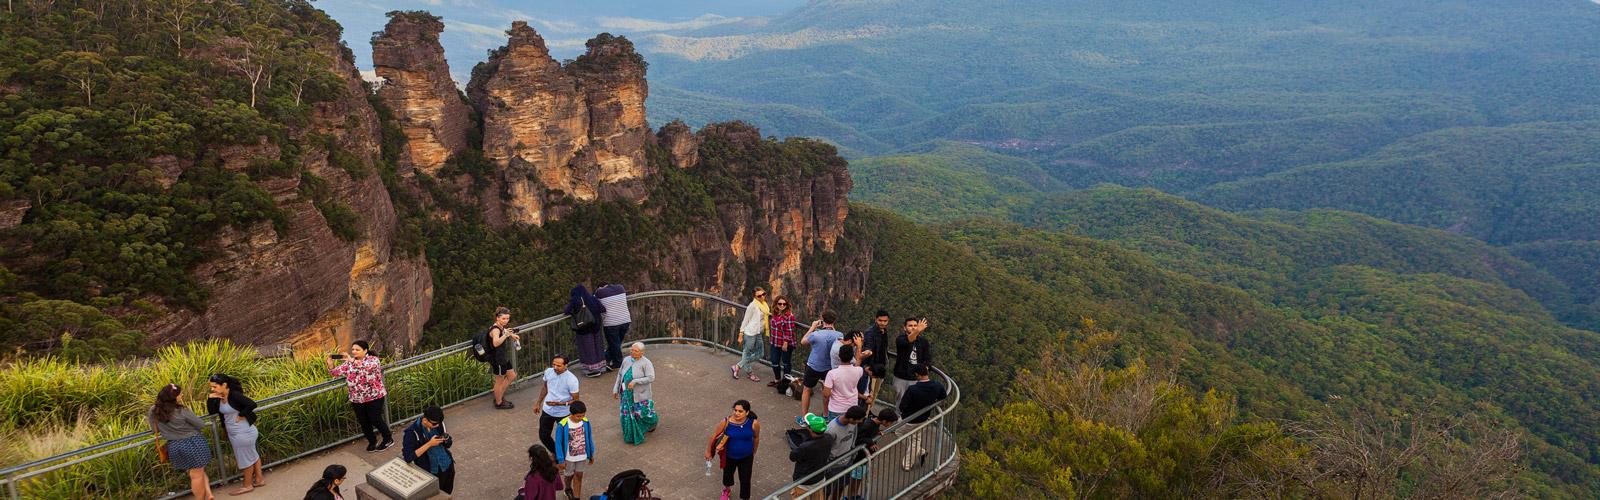 """yH5BAEAAAAALAAAAAABAAEAAAIBRAA7 - """"Đi trốn khỏi Sydney"""" và đây là 10 địa điểm hấp dẫn cho kỳ nghỉ cuối tuần của bạn"""